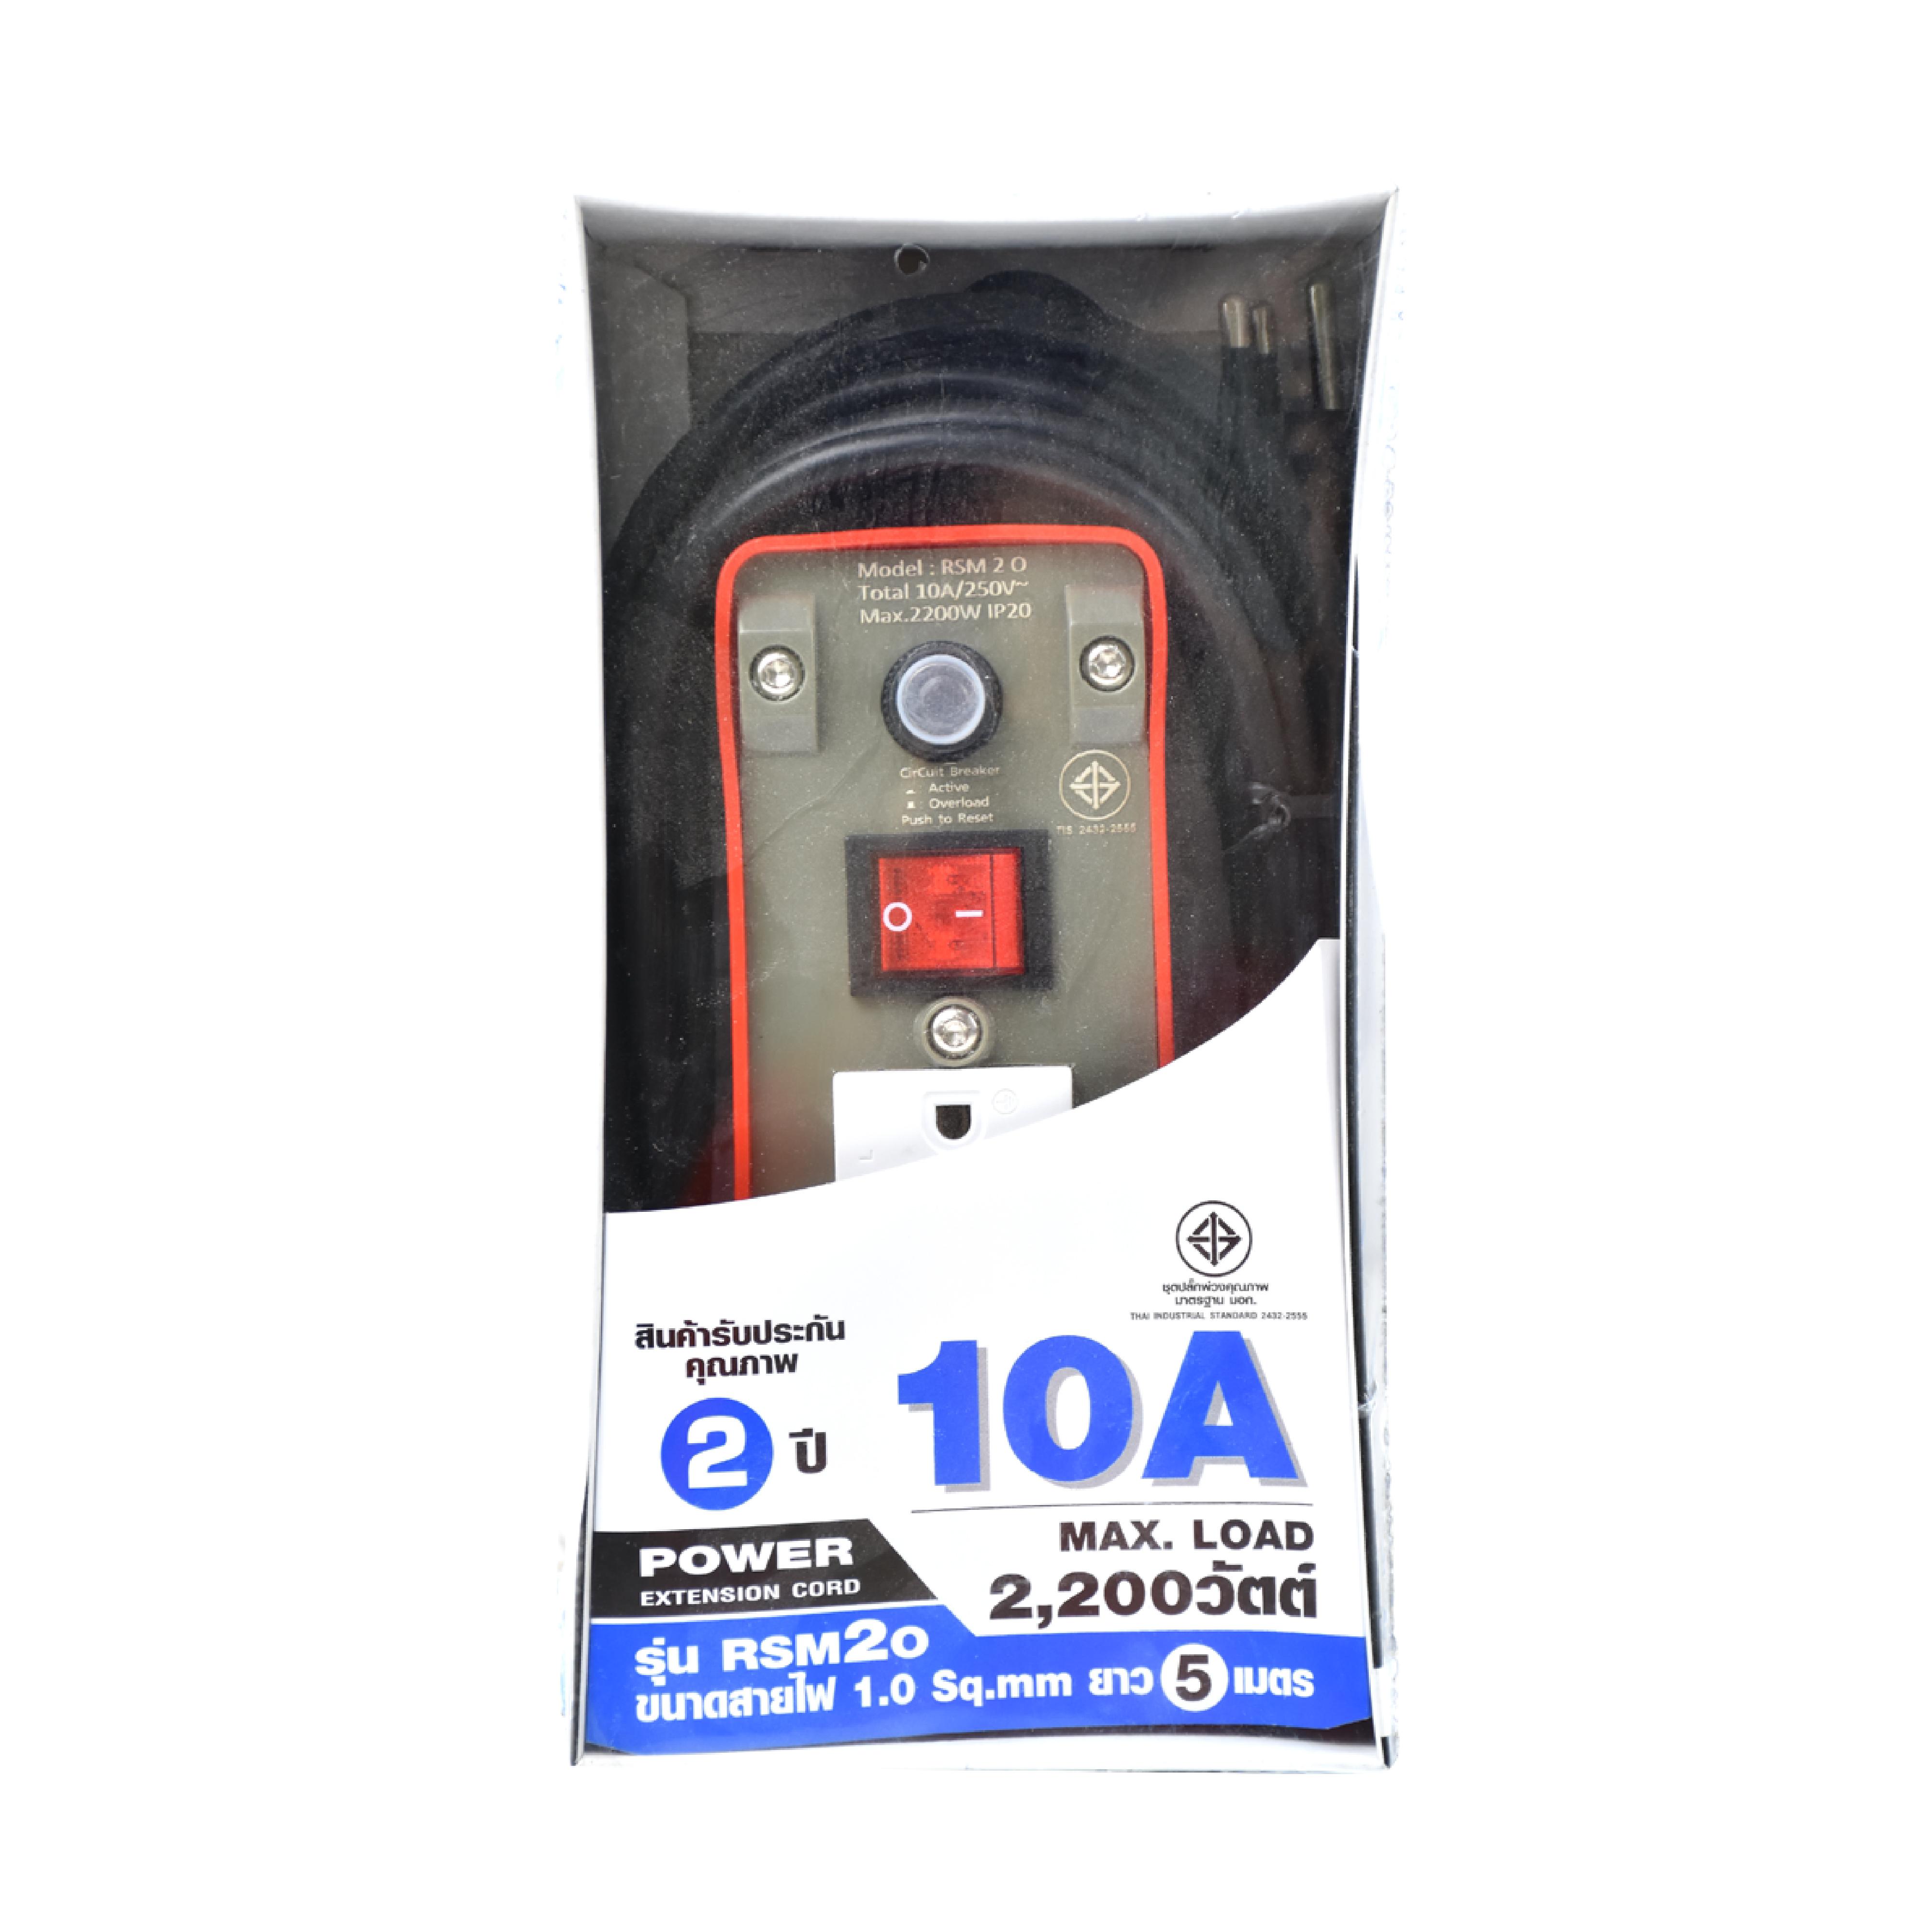 ชุดปลั๊กสายไฟ Suntech รุ่น RSM 2 0 10A 2200W MAX.LOAD